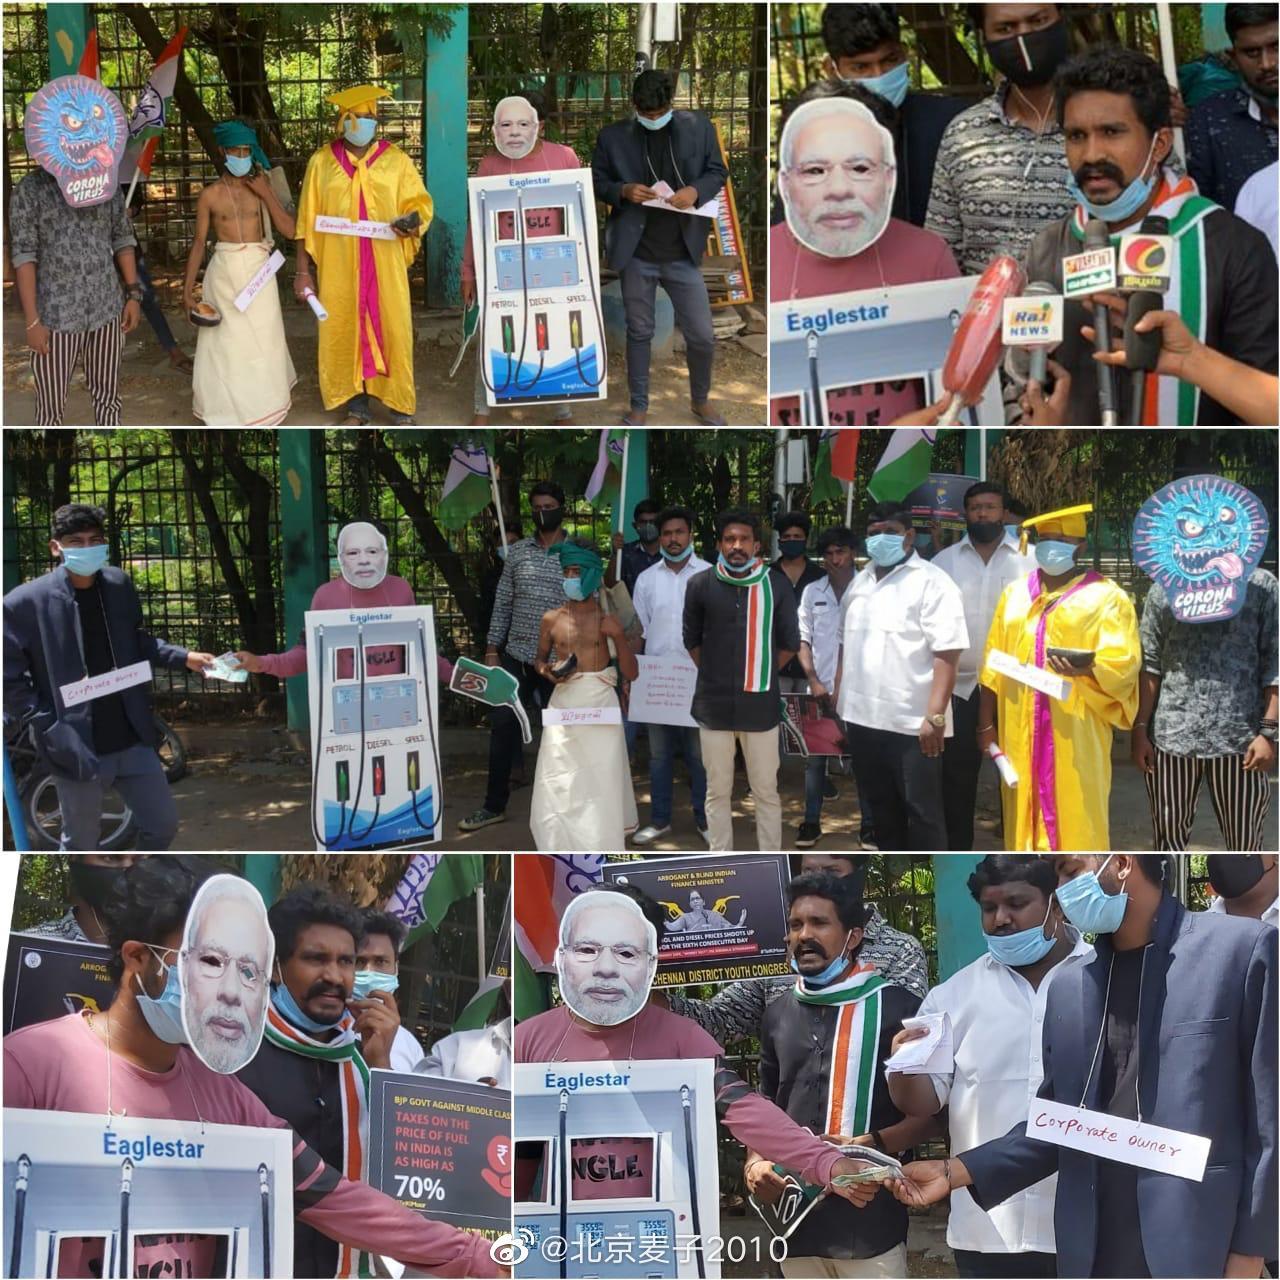 他三哥家的泰米尔纳德邦民众上街抗议高油价